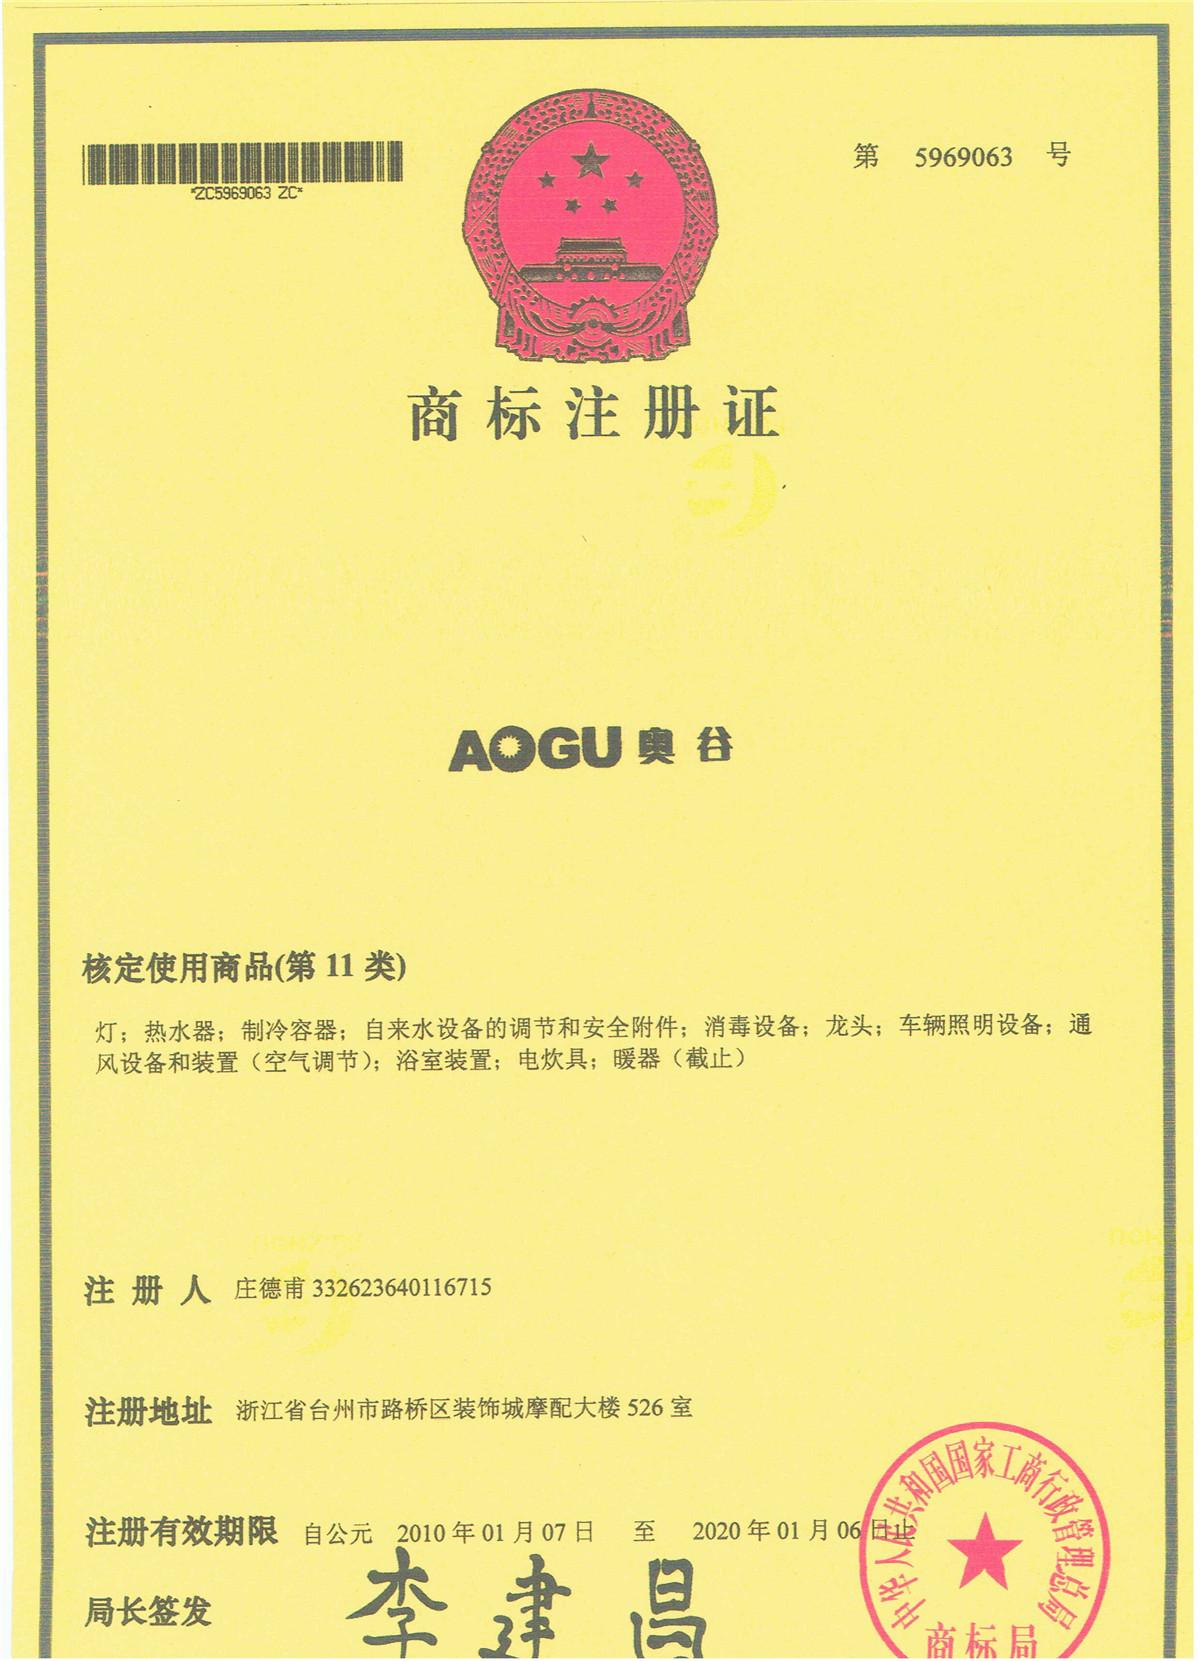 AOGU商標